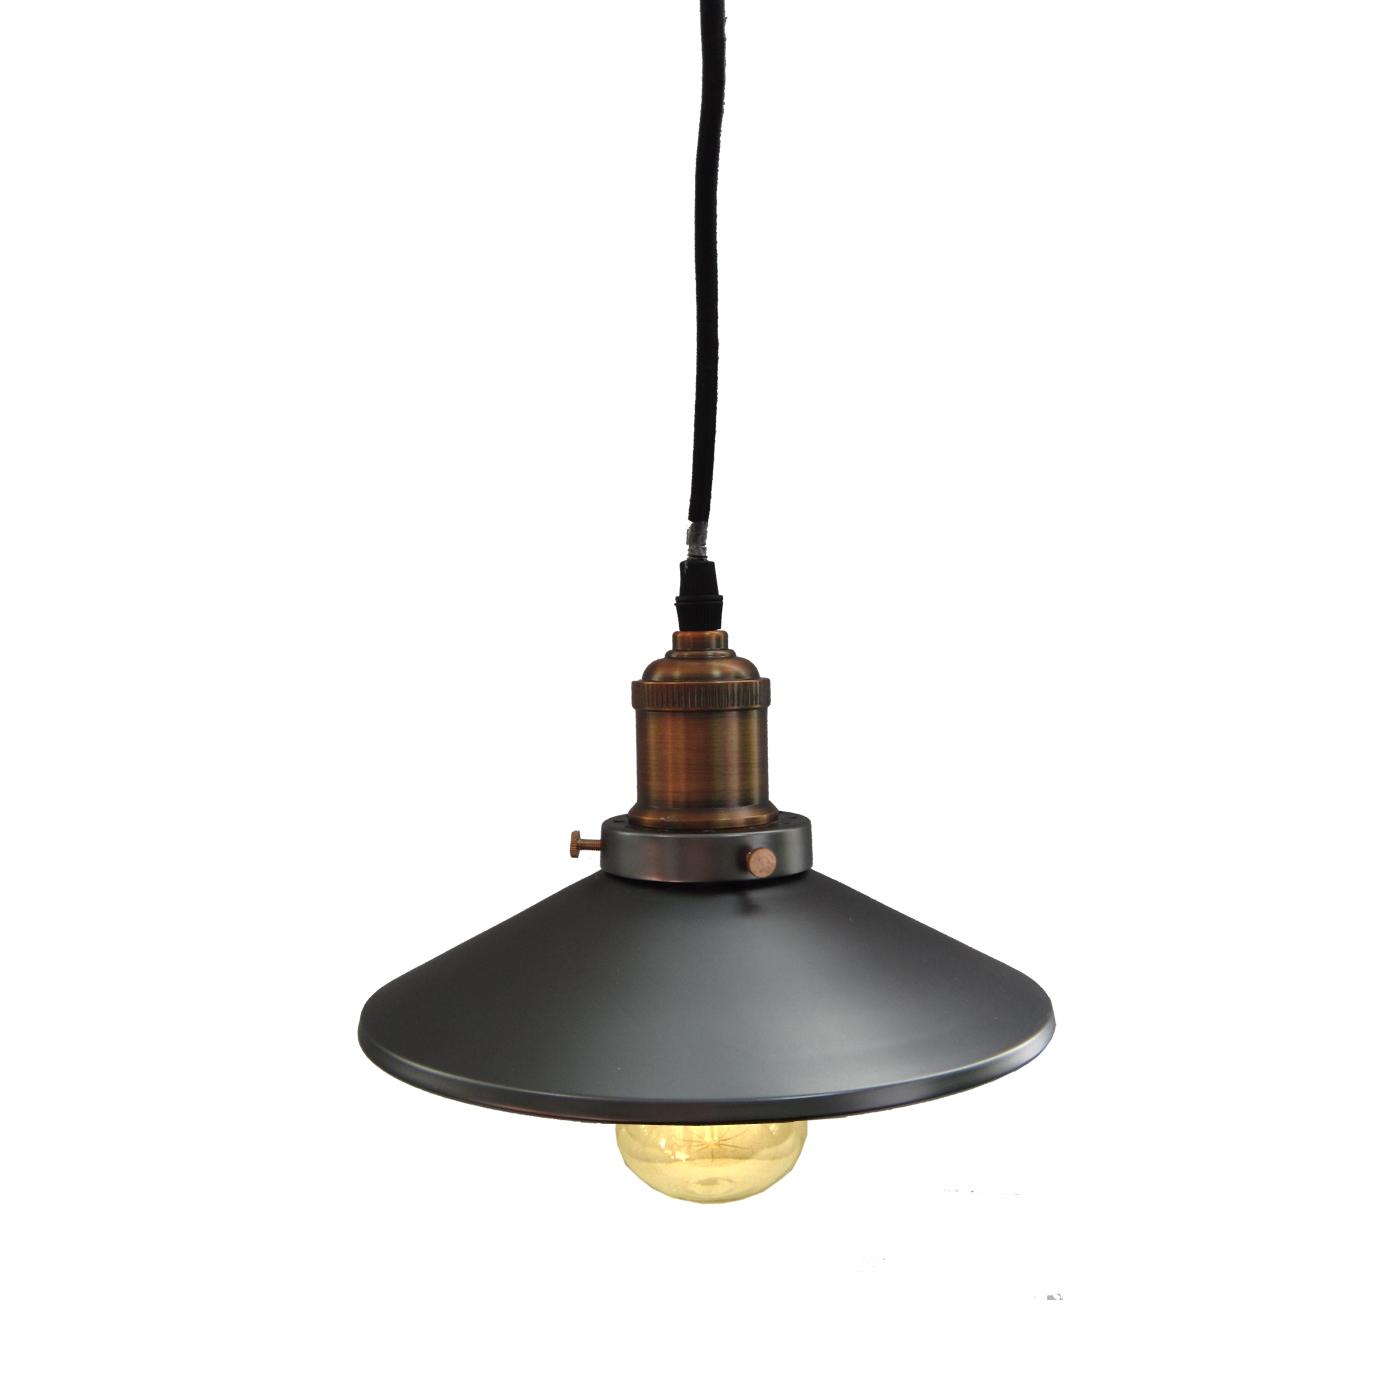 {} ARTEVALUCE Светильник подвесной Branch (20х20 см) artevaluce светильник подвесной cage filament 15х24 см